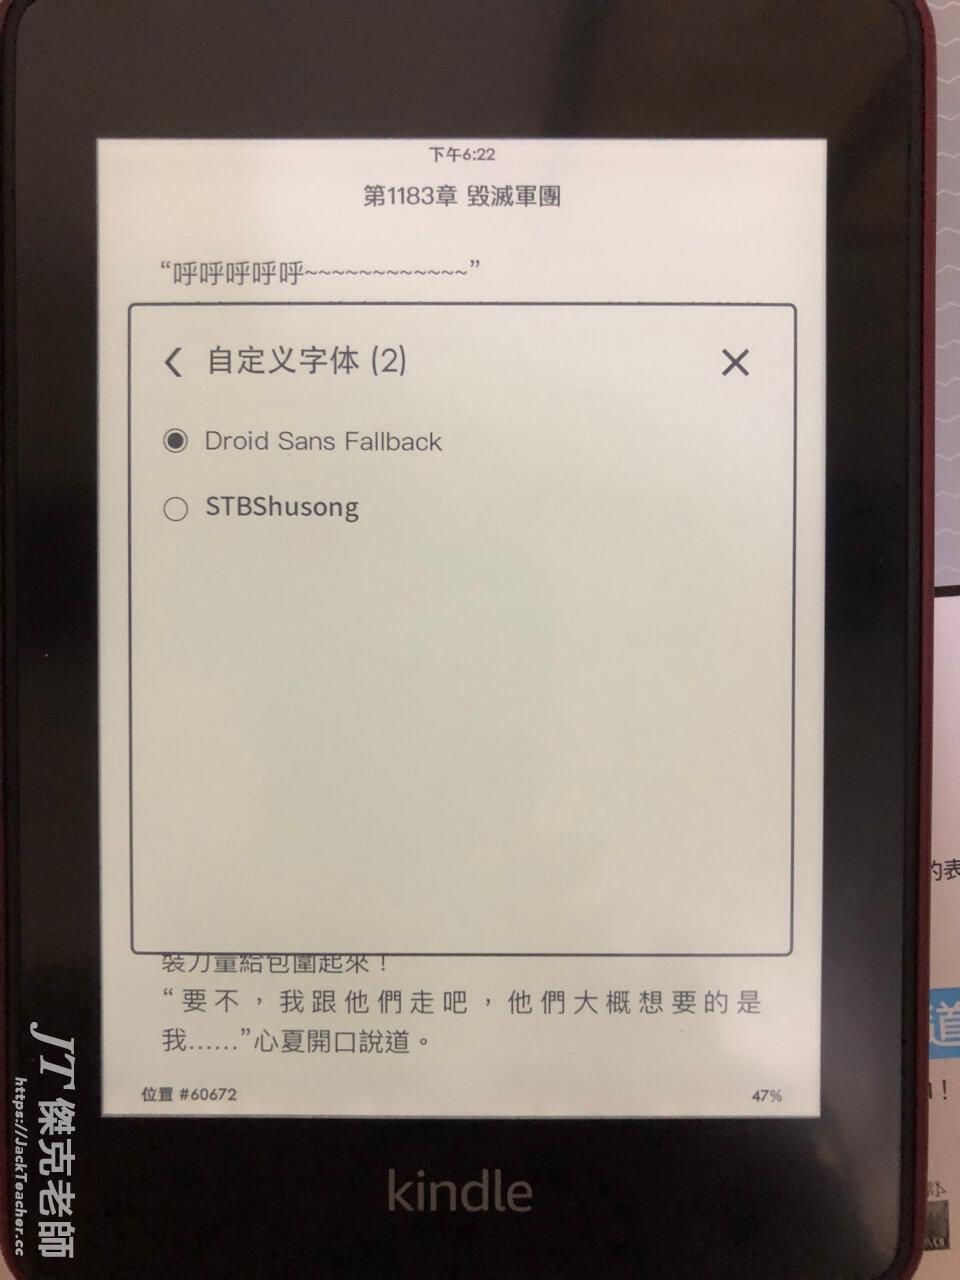 選擇自定義的字型,這時候下方仍有顯示電子書內容會即時改變字體